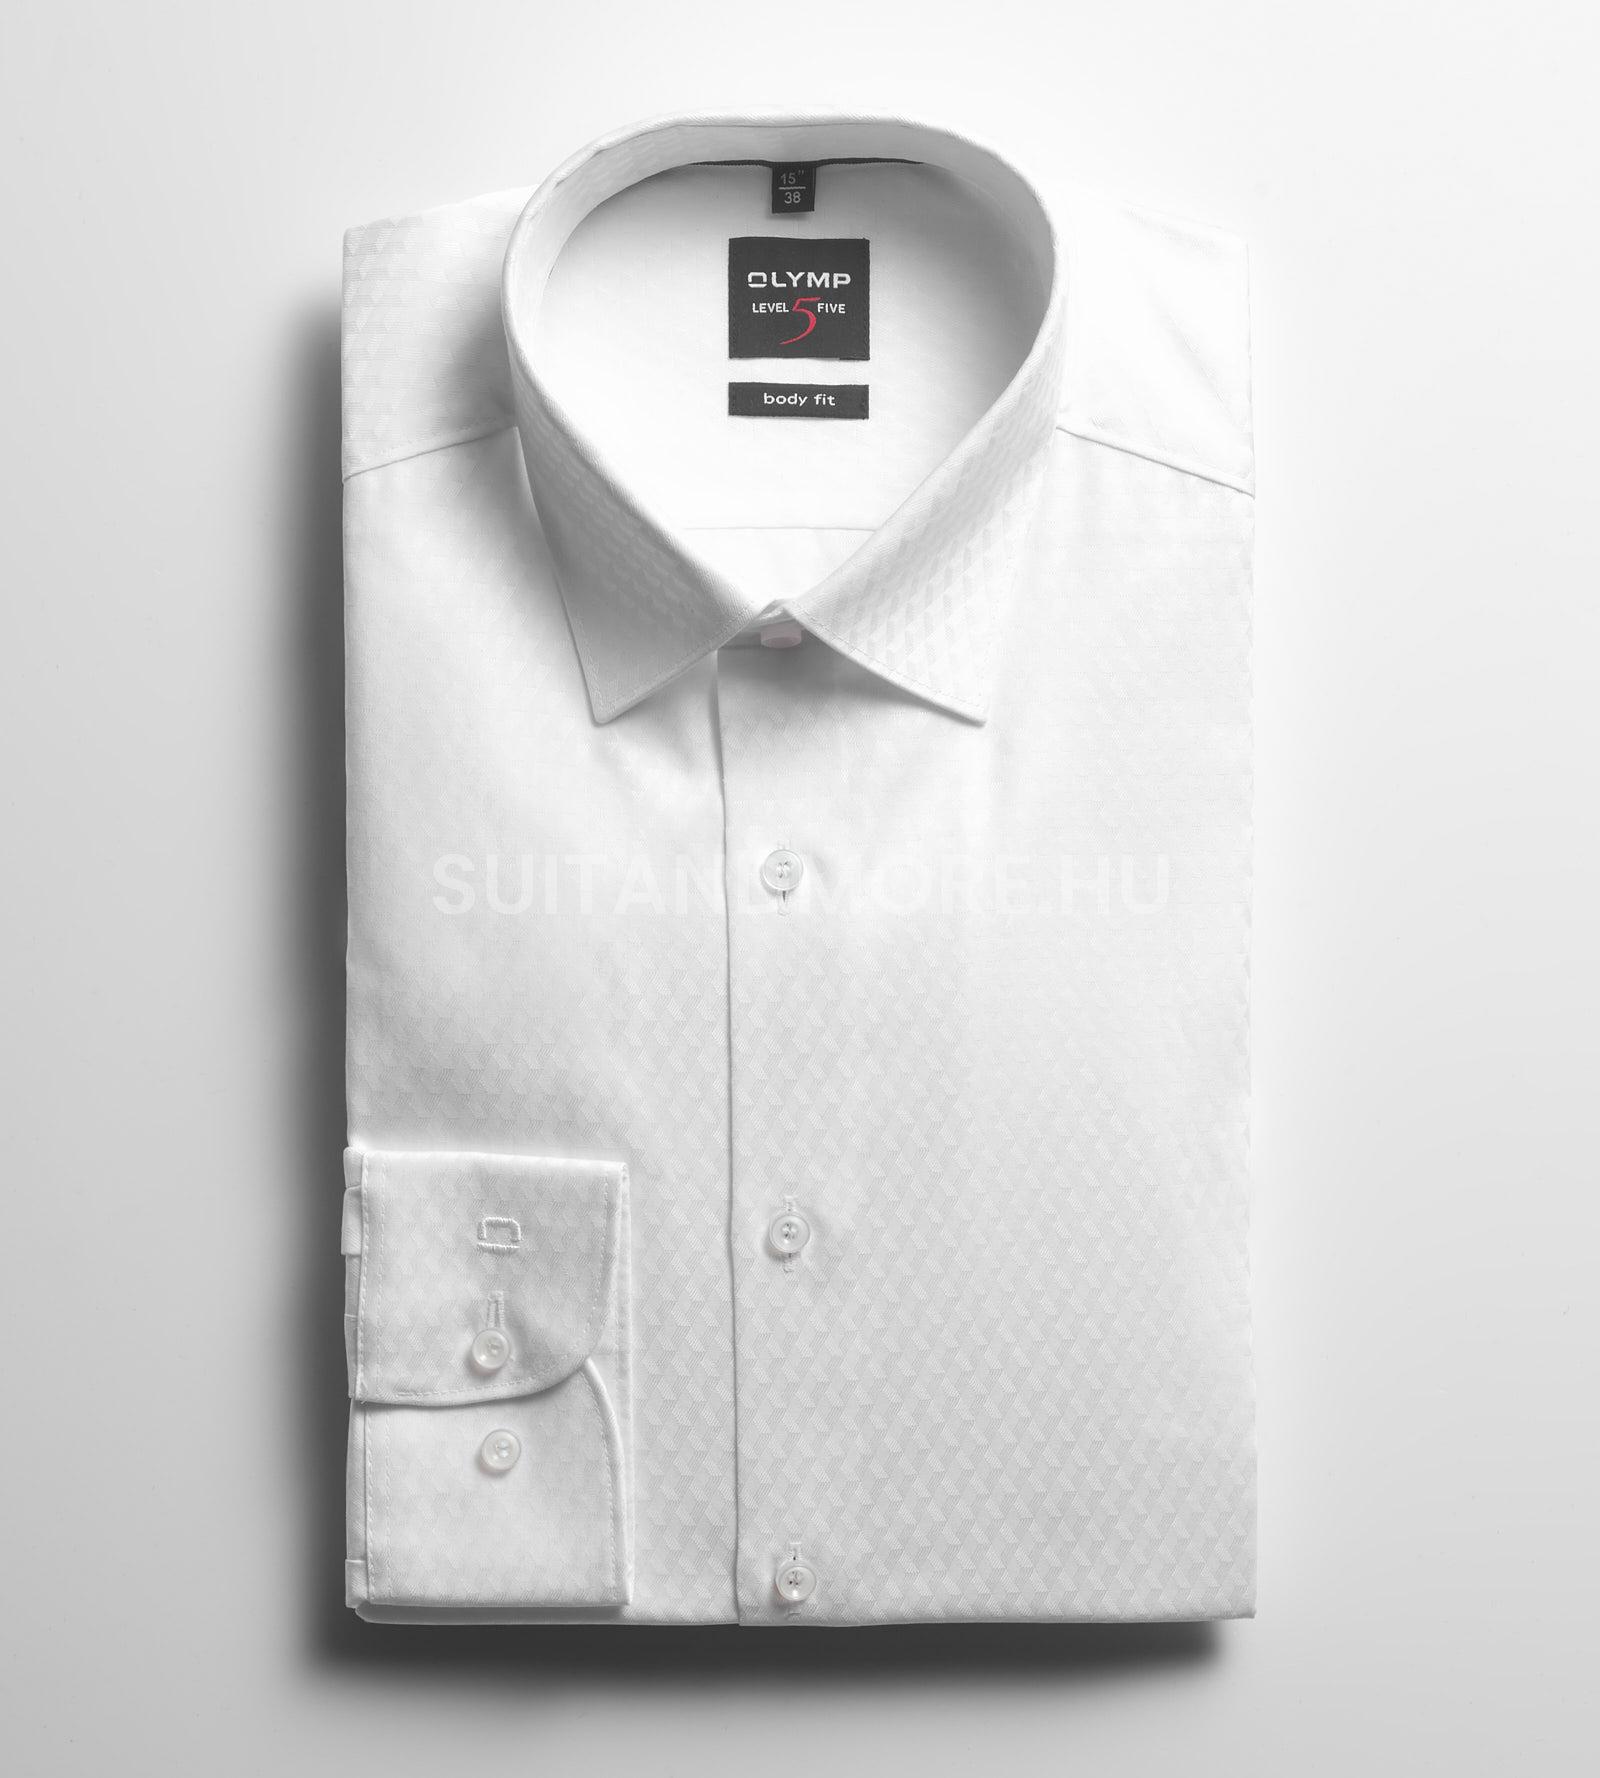 OLYMP-fehér-slim-fit-vasaláskönnyített-ing-2094-34-00-01